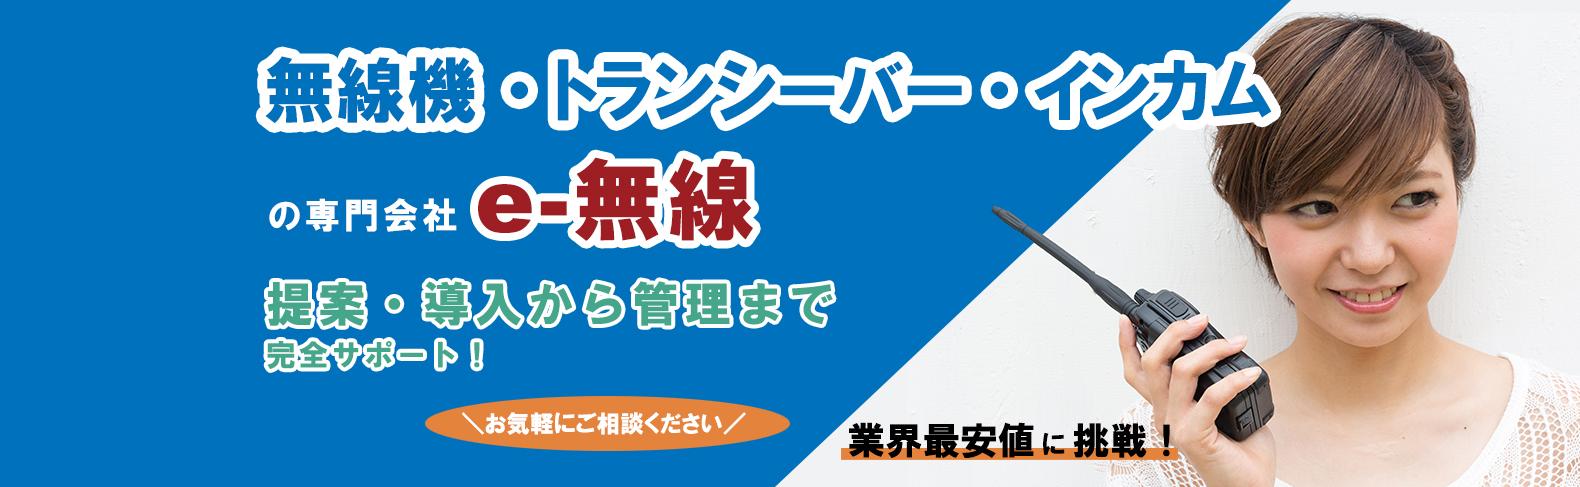 無線機販売の【e-無線】無線機を激安で販売